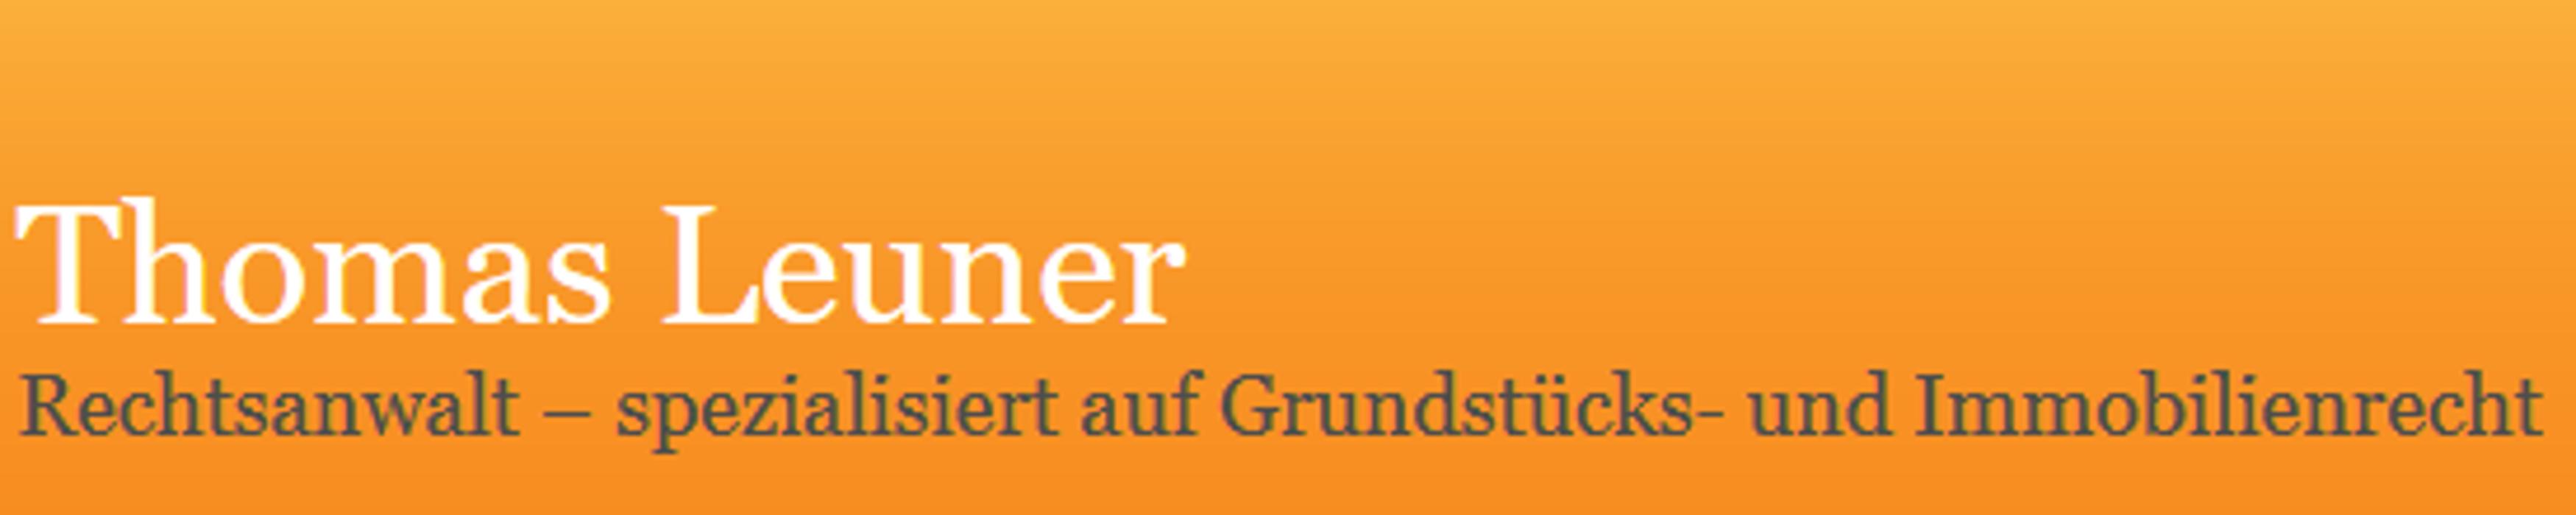 Bild zu Thomas Leuner Rechtsanwalt - spezialisiert auf Grundstücks- und Immobilienrecht in Berlin